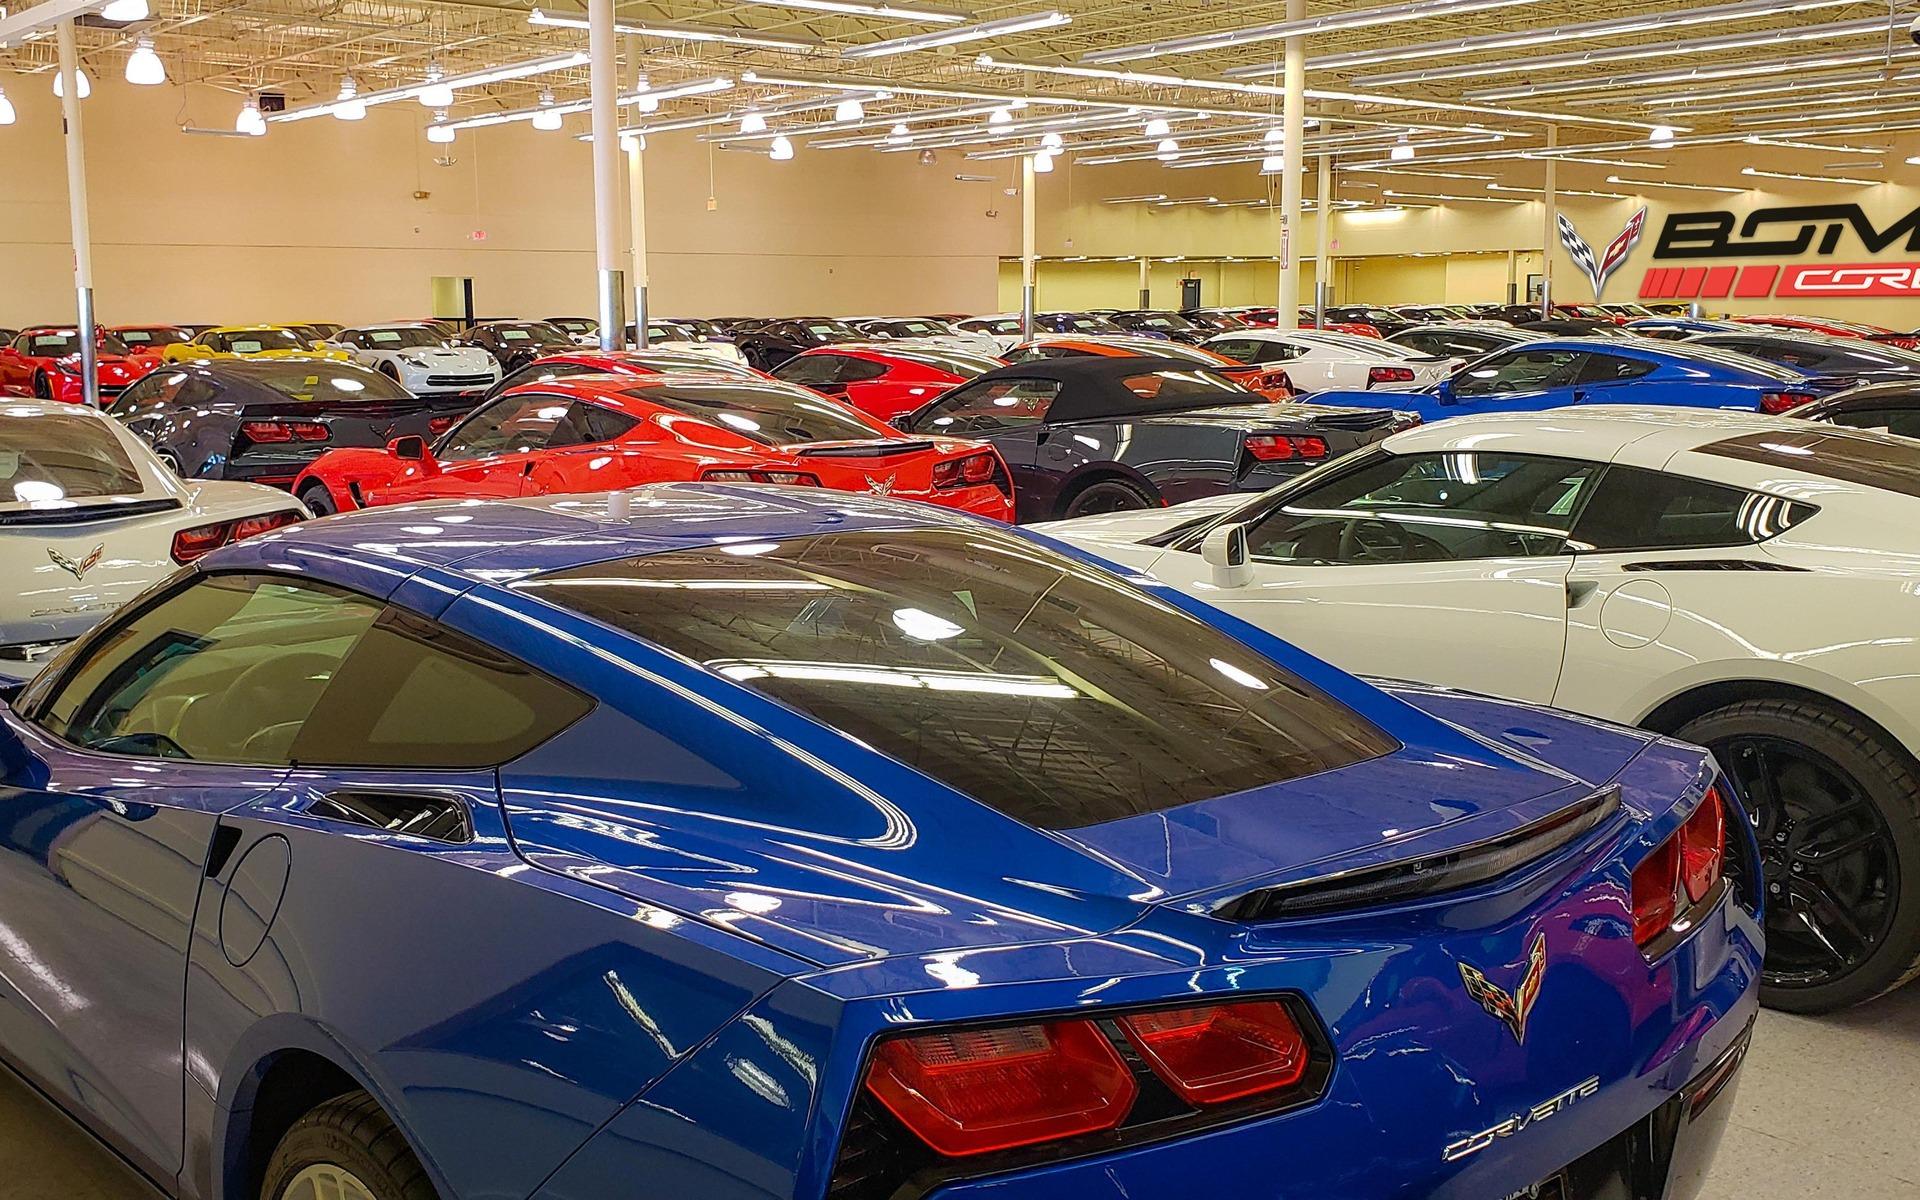 La future Corvette nuit aux ventes du modèle actuel 378057_Chevrolet_Corvette